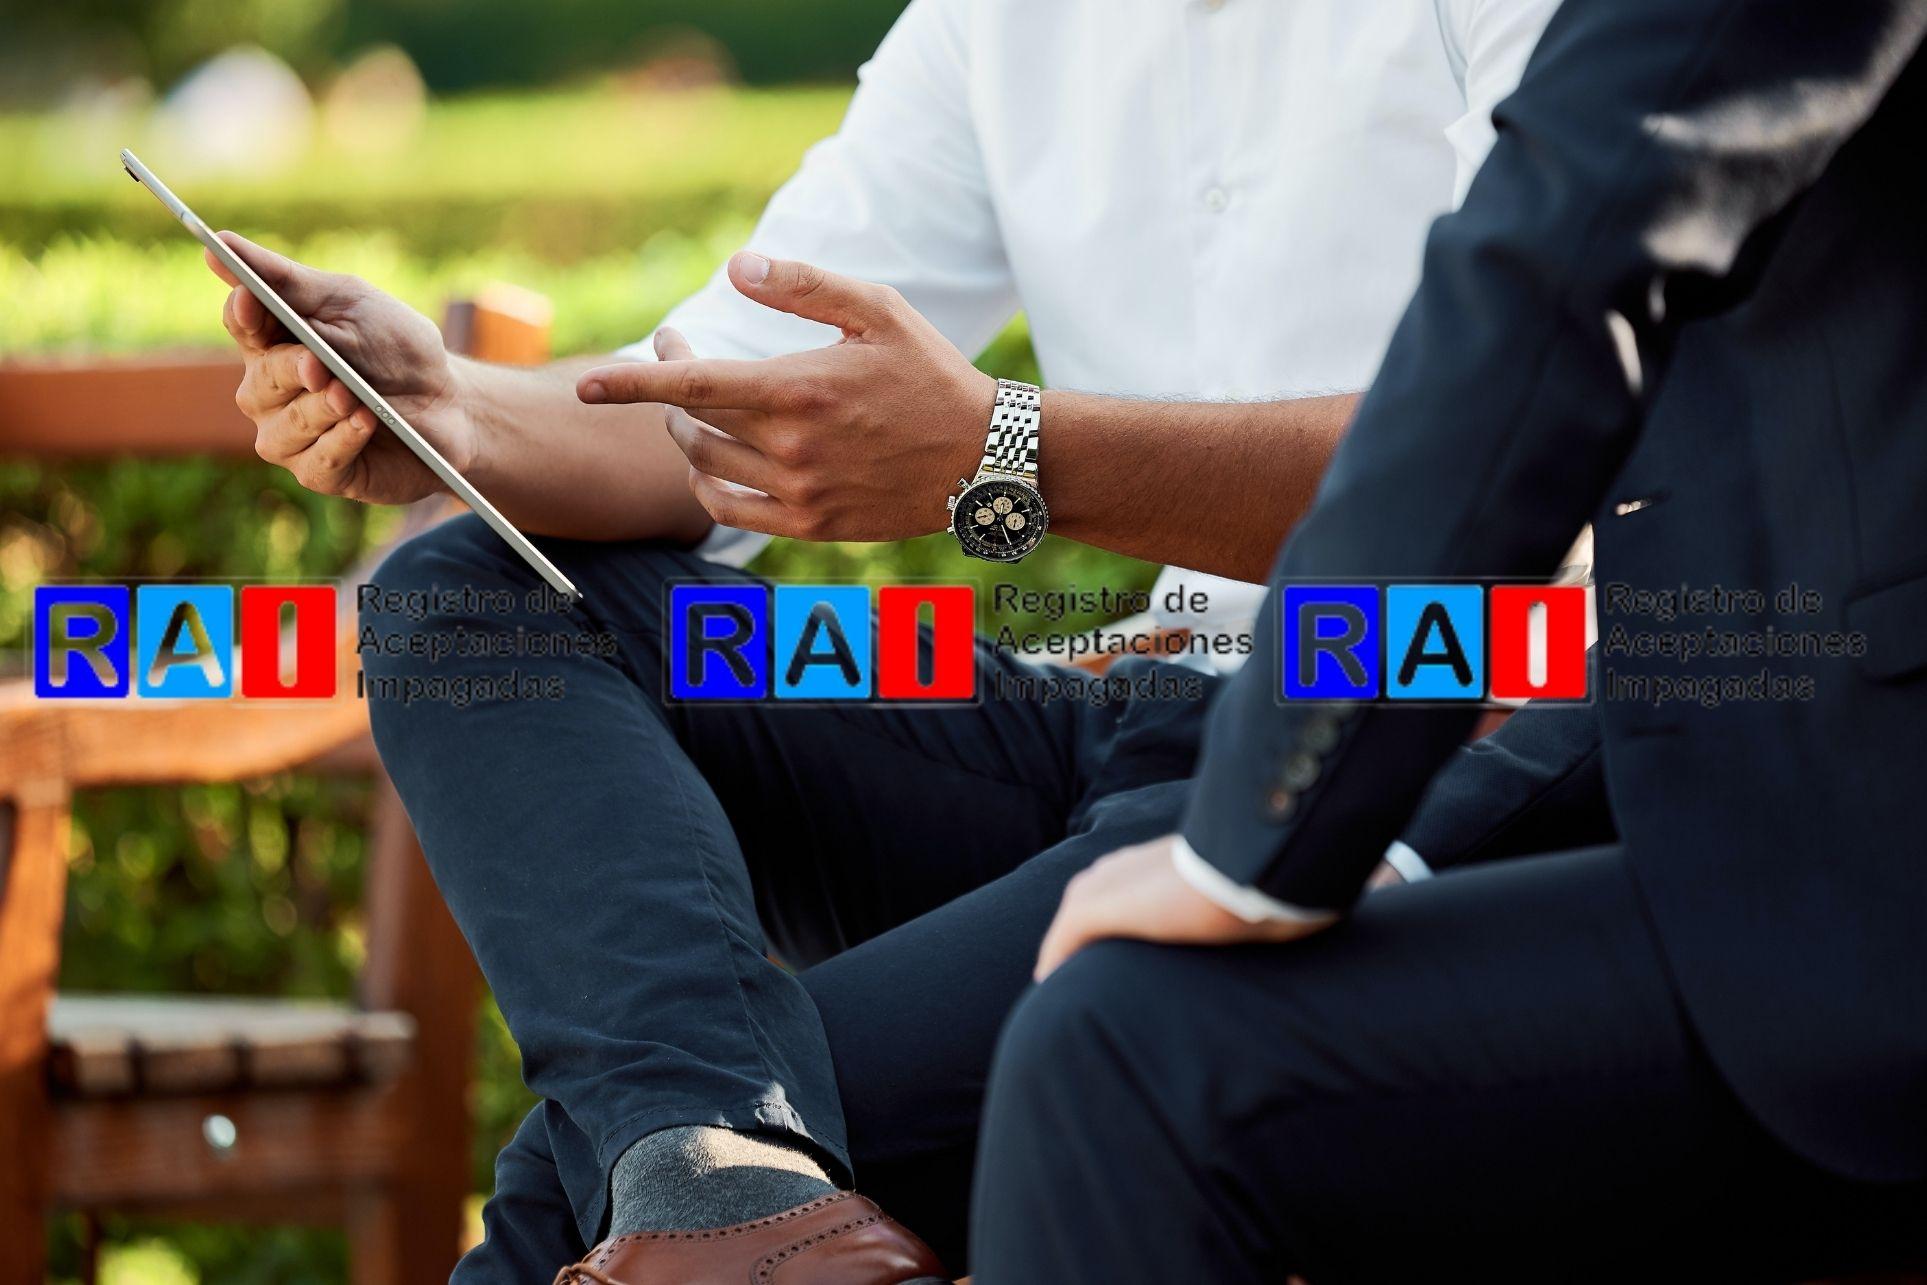 Qué es el RAI: Todo sobre el Registro de Aceptaciones Impagadas